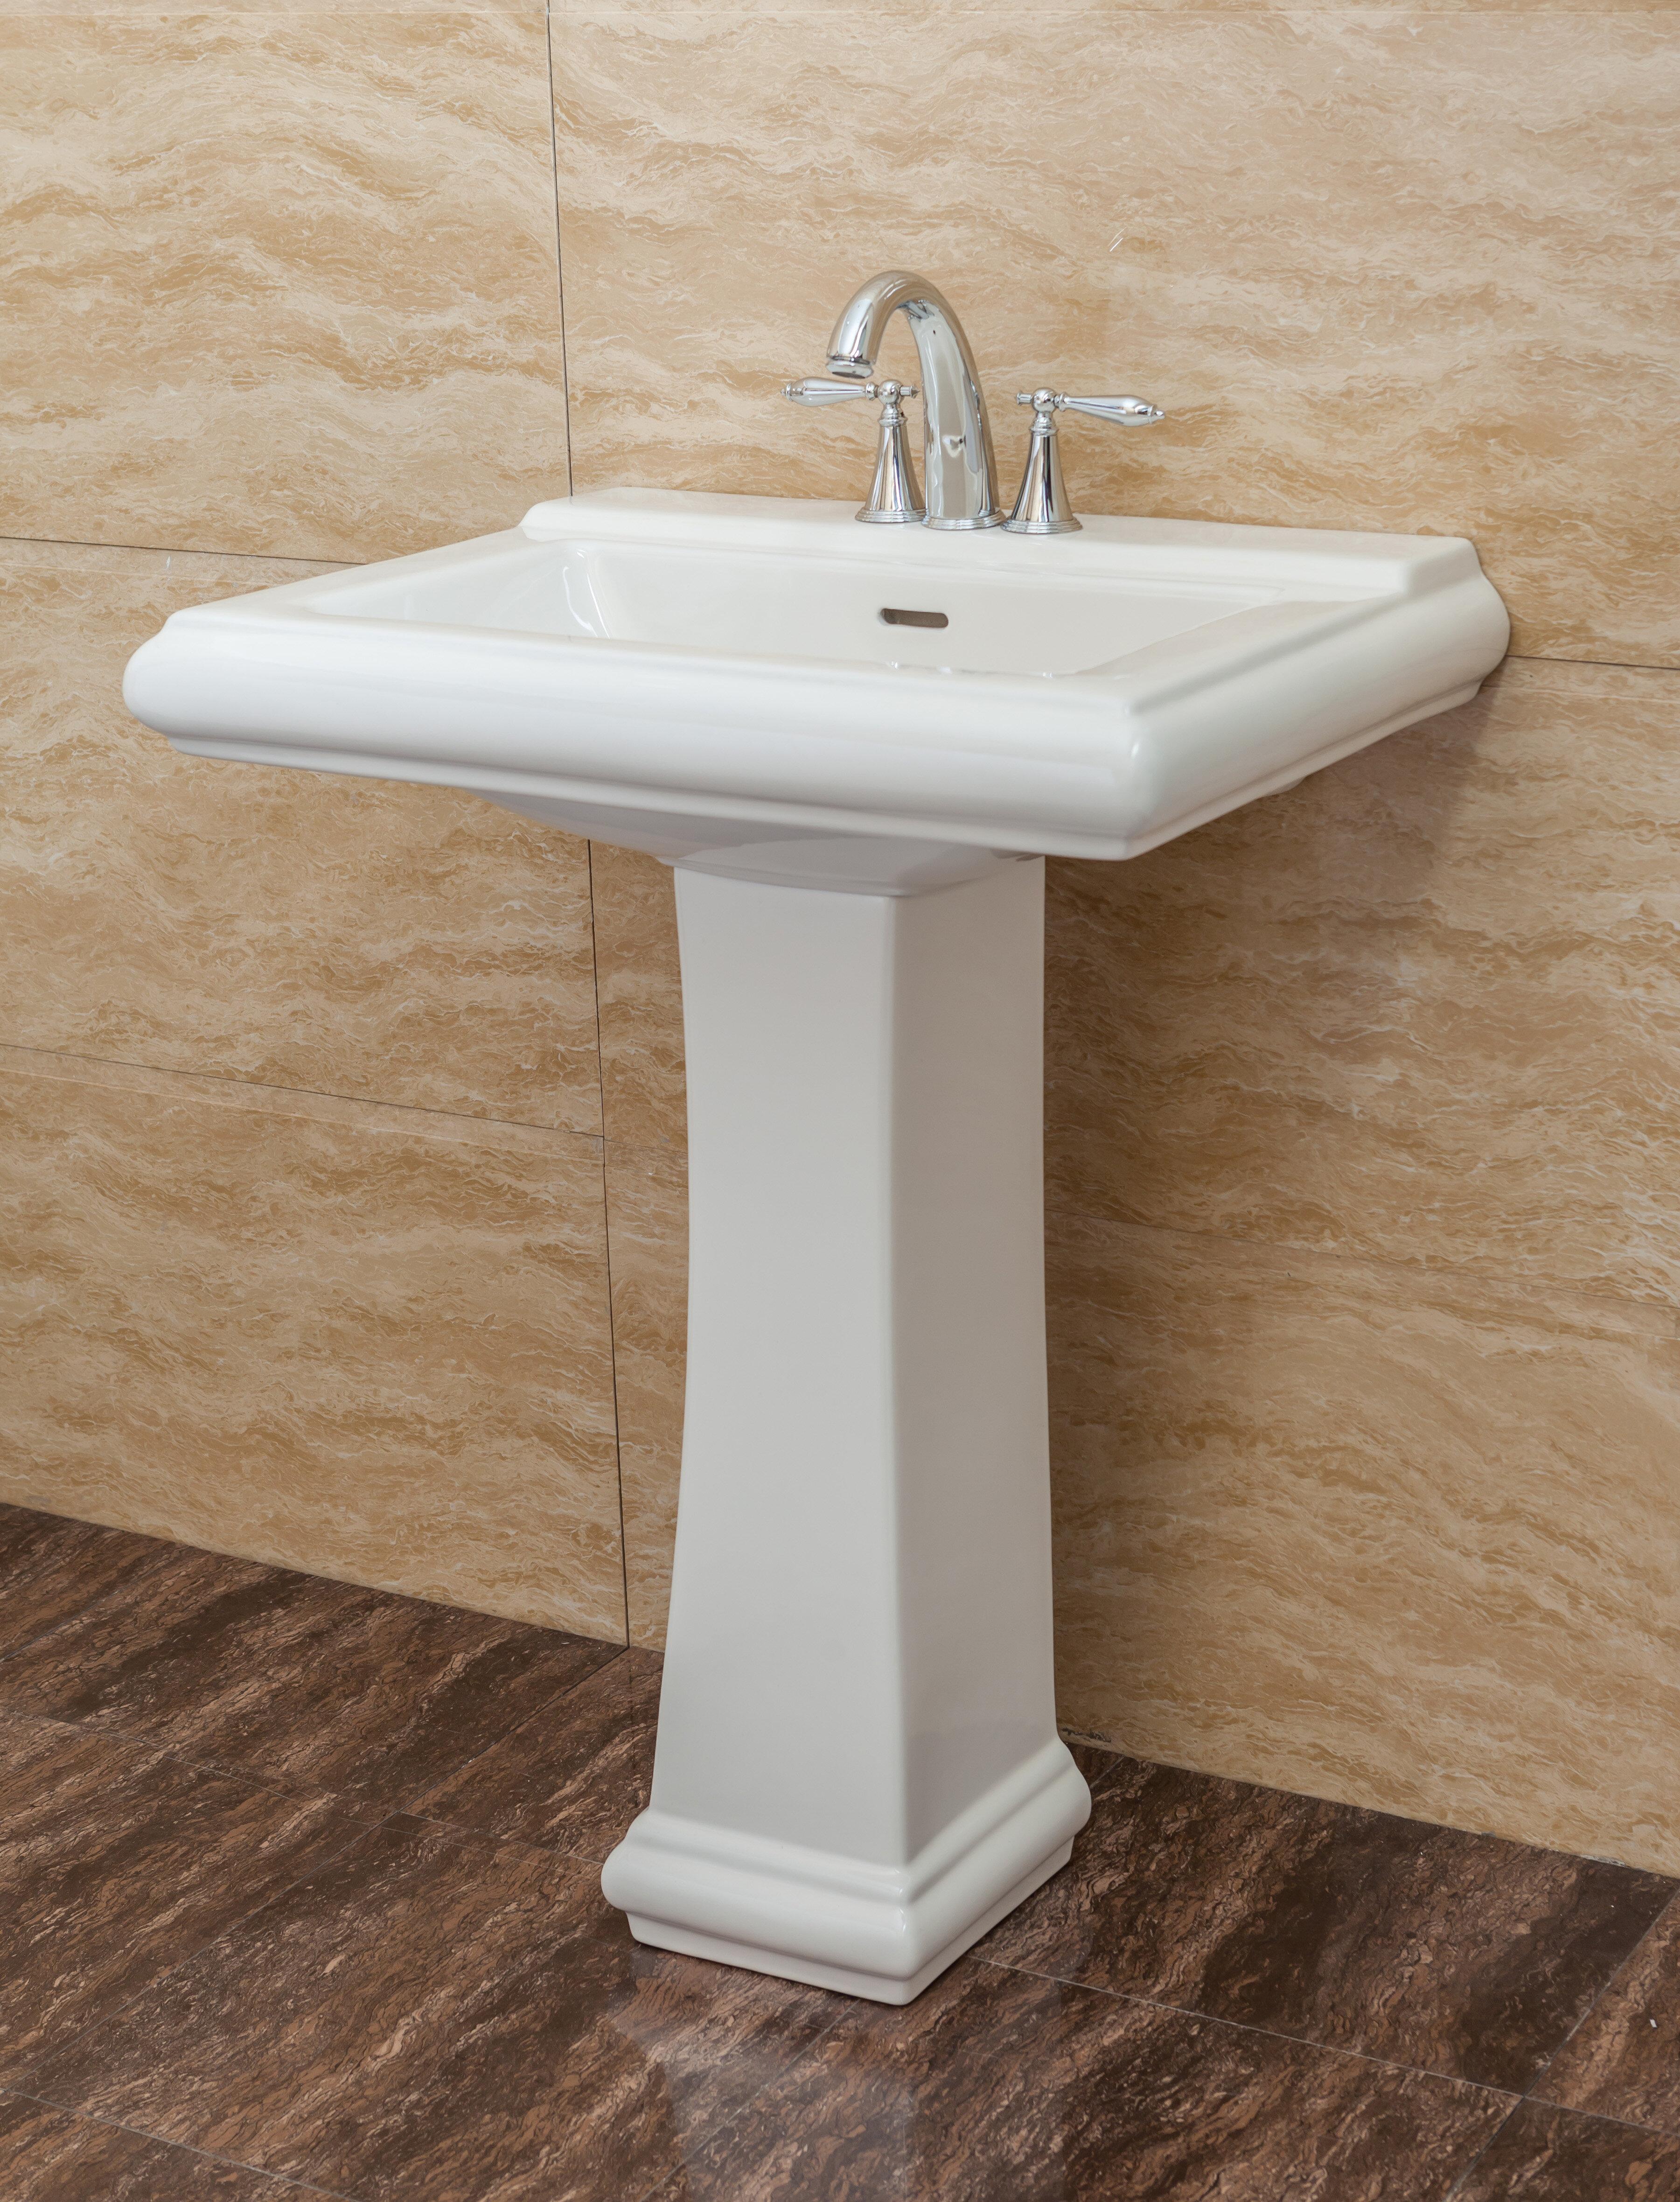 Fine Fixtures 26 5 Tall White Vitreous China Rectangular Pedestal Bathroom Sink Overflow Reviews Wayfair